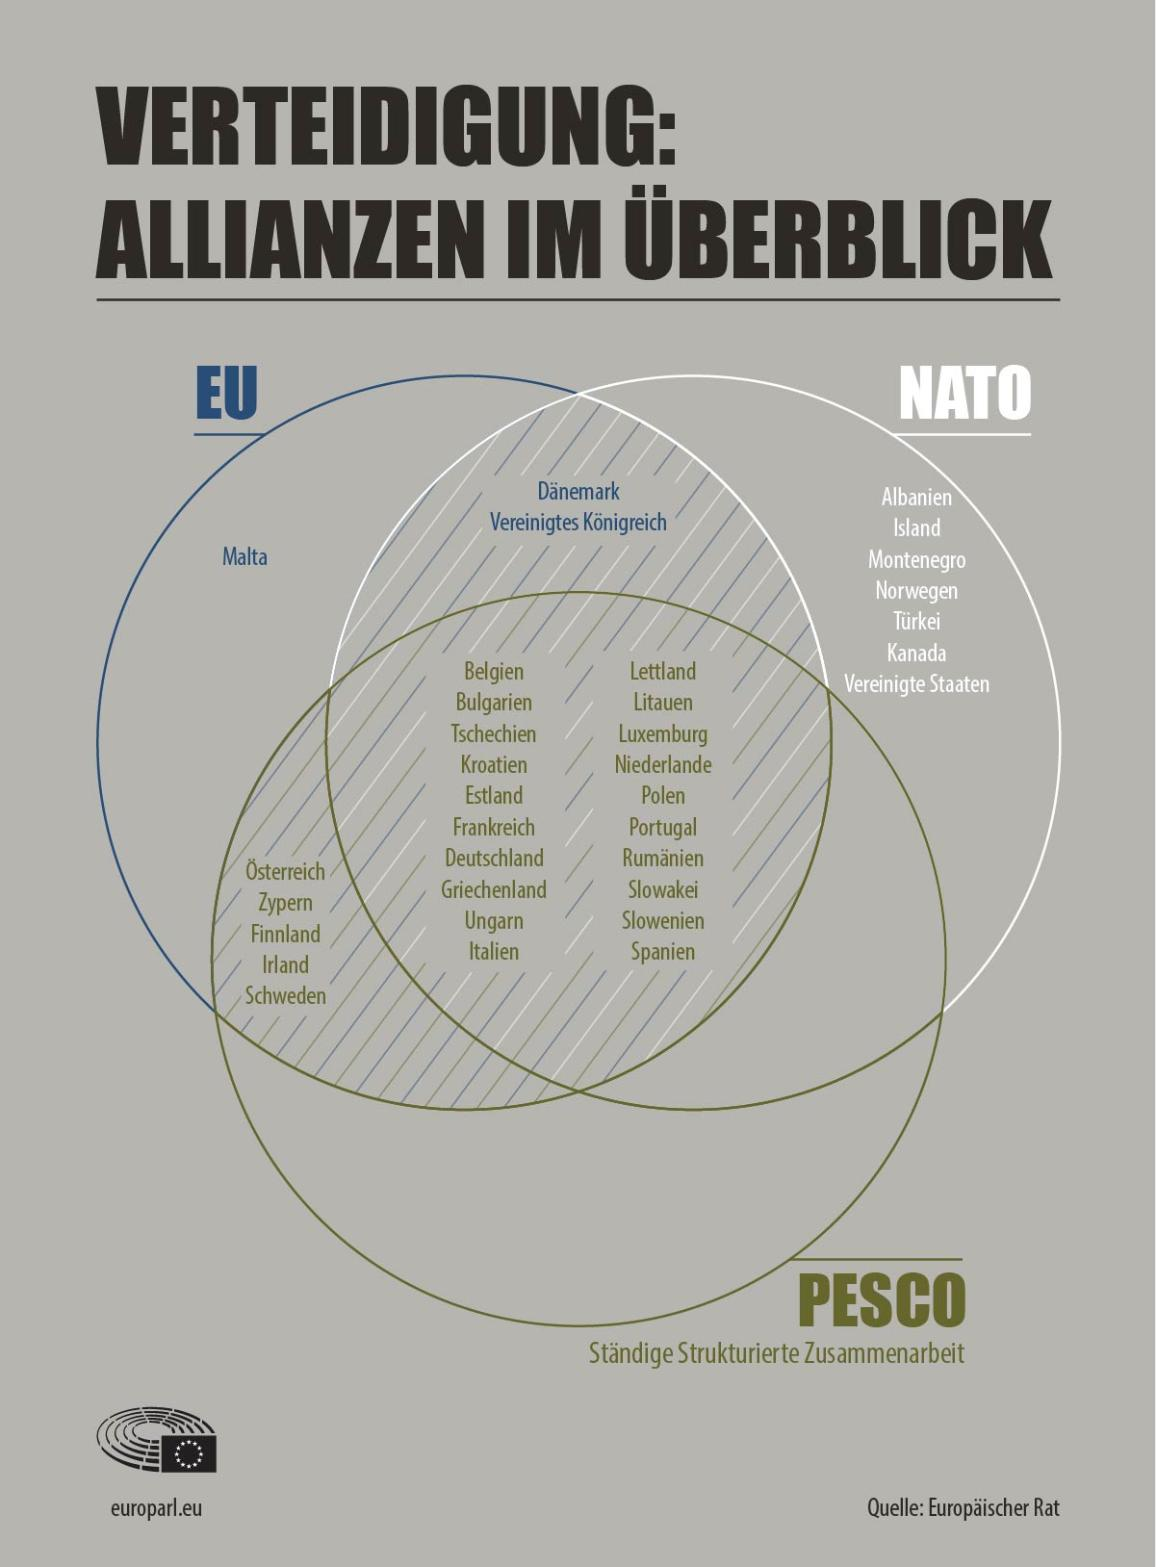 Die Infographik zeigt die Verteidigungszusammenarbeit und Allianzen im Überblick